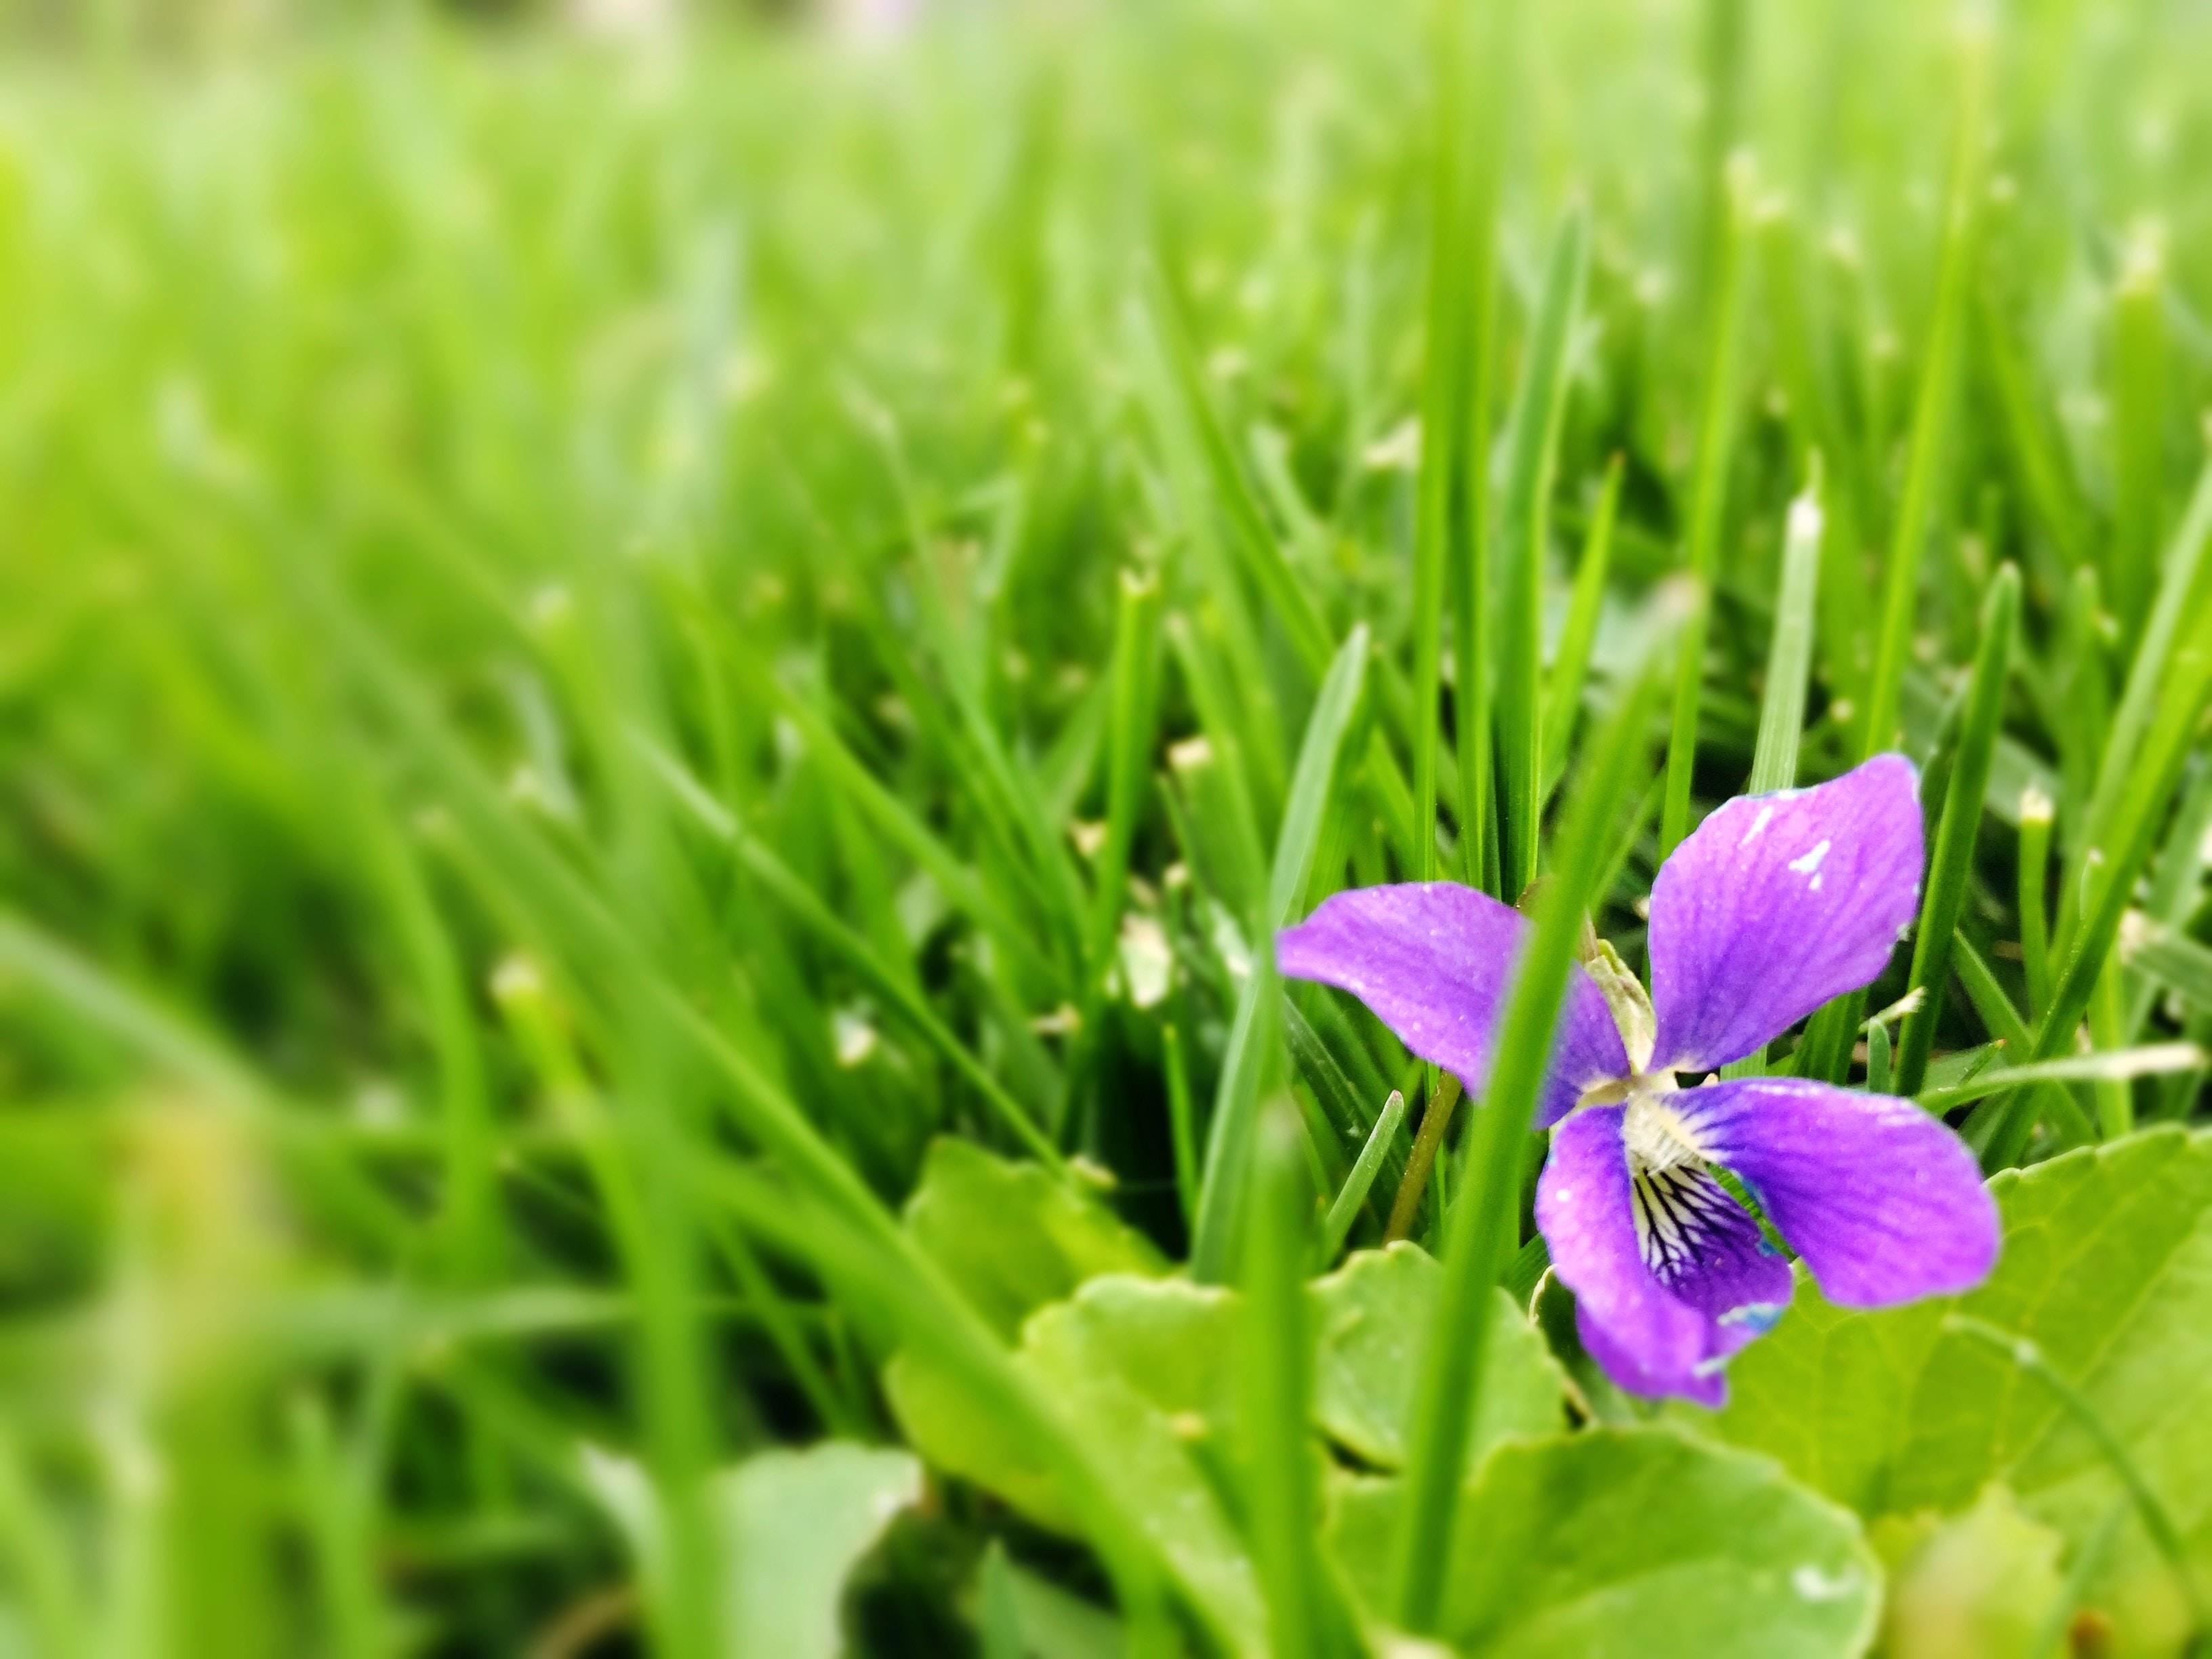 A single purple flower in a field.